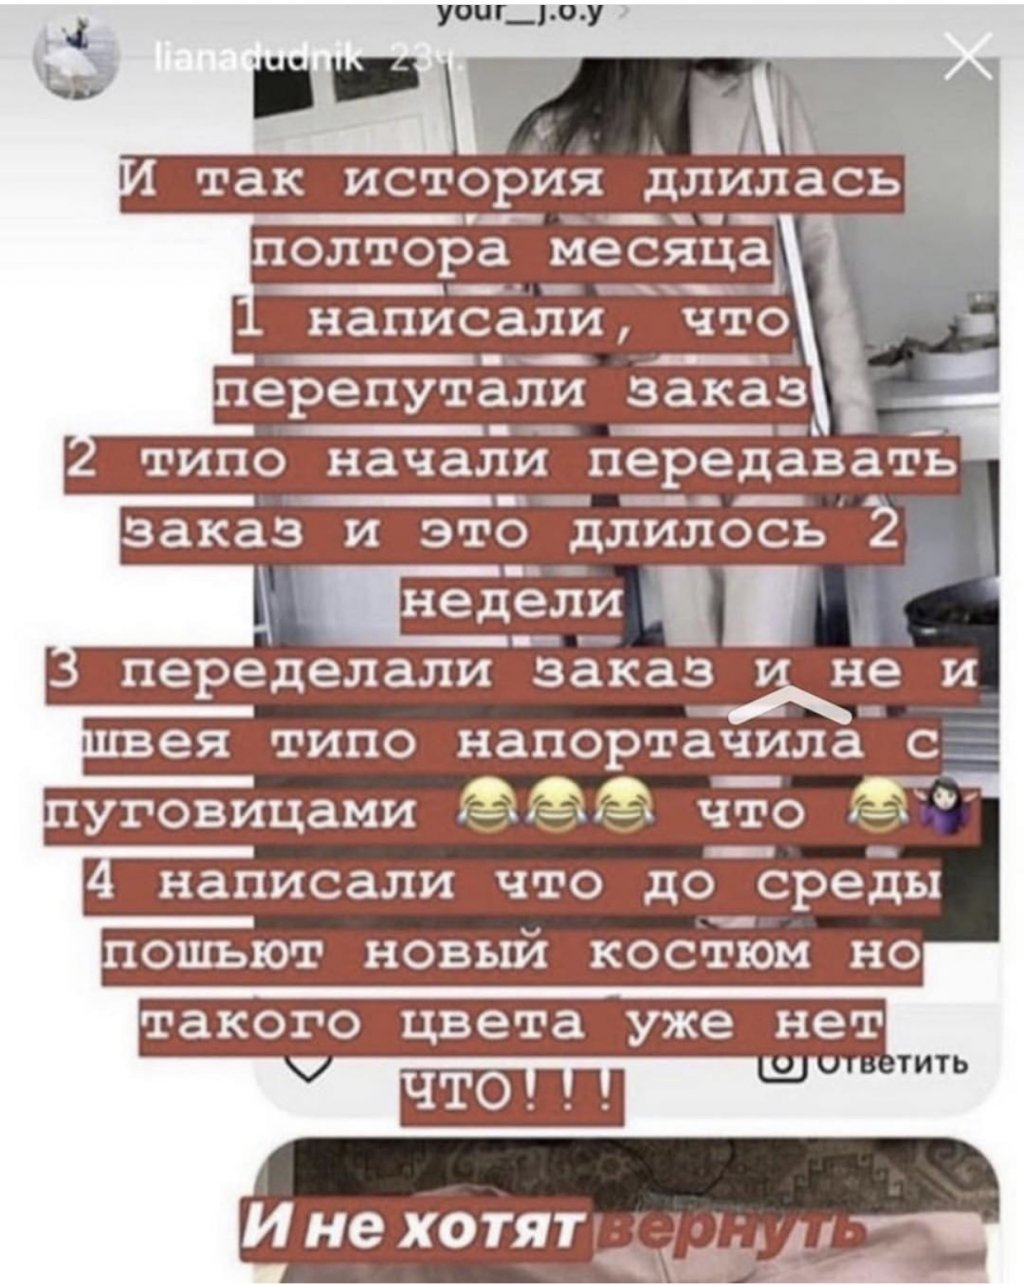 Your joy - Осторожно аферисты!!!